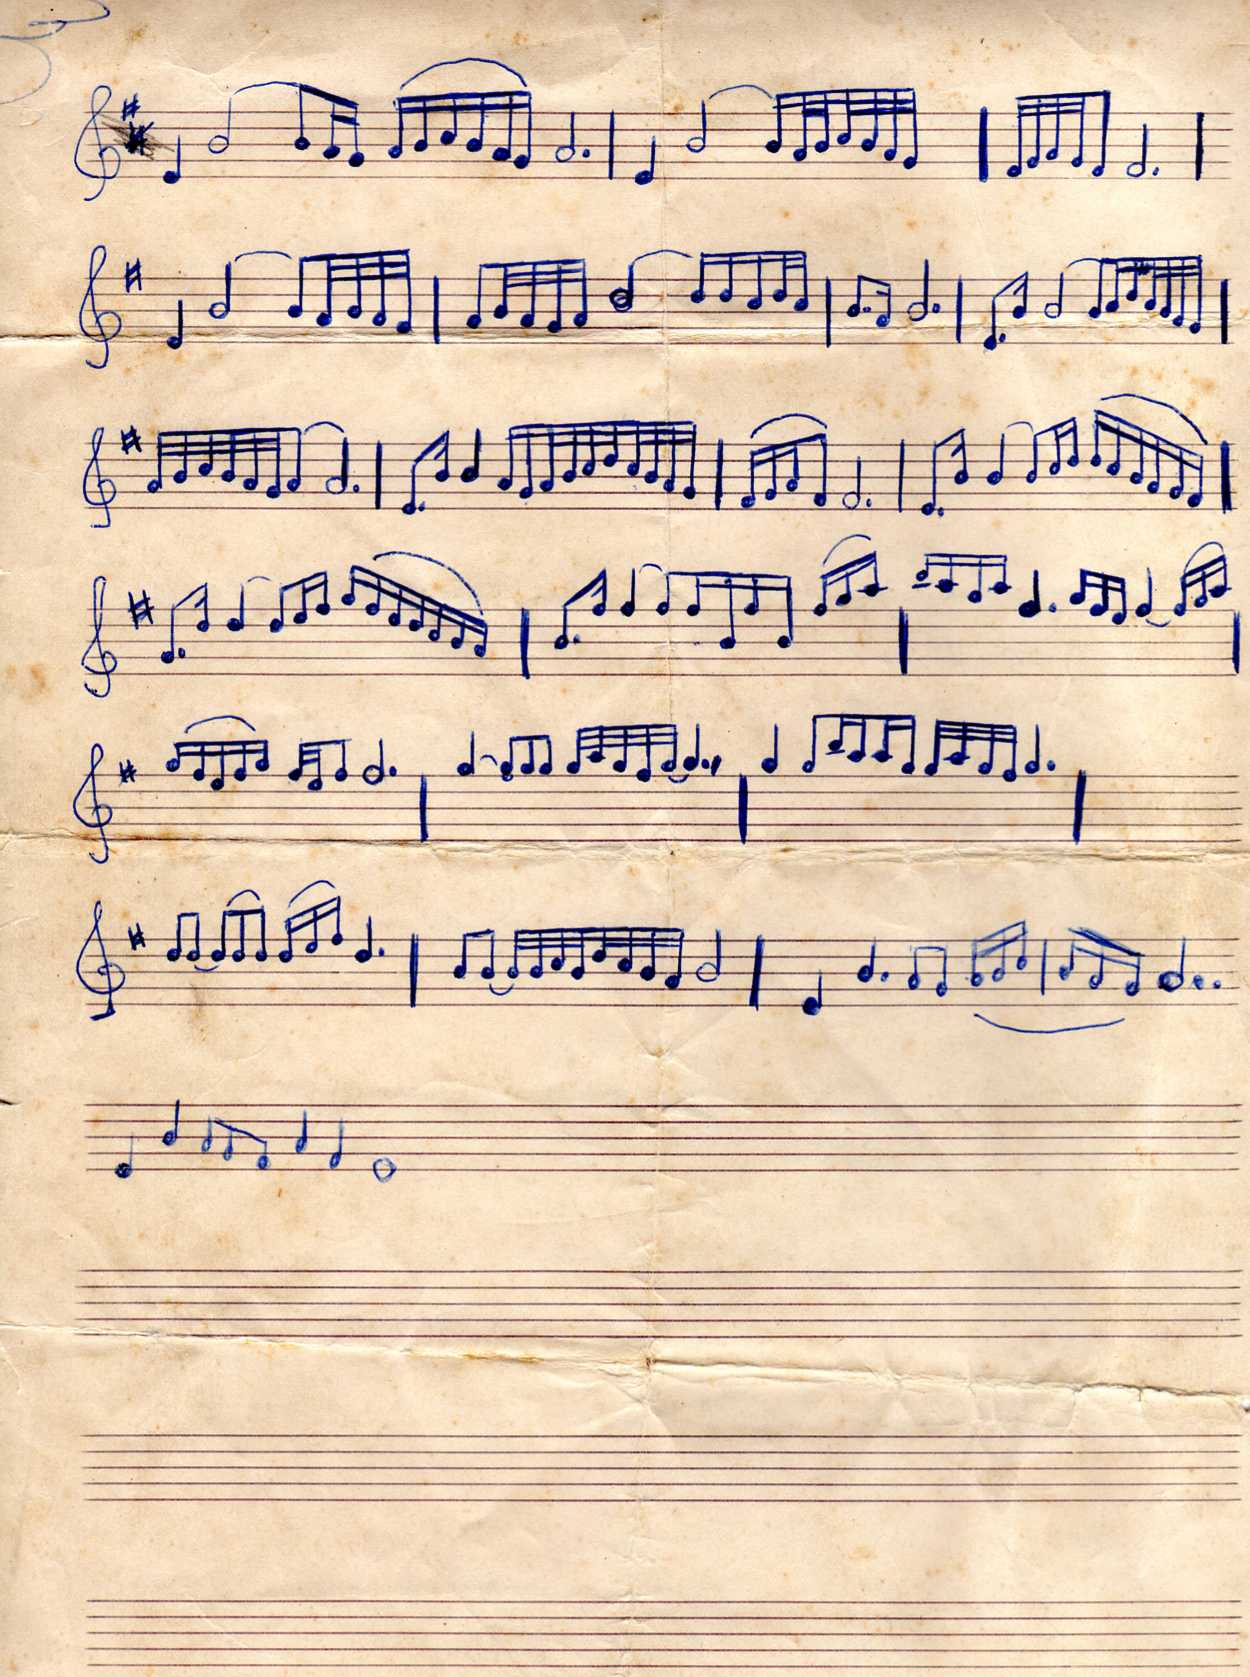 Partiture jazz per tromba